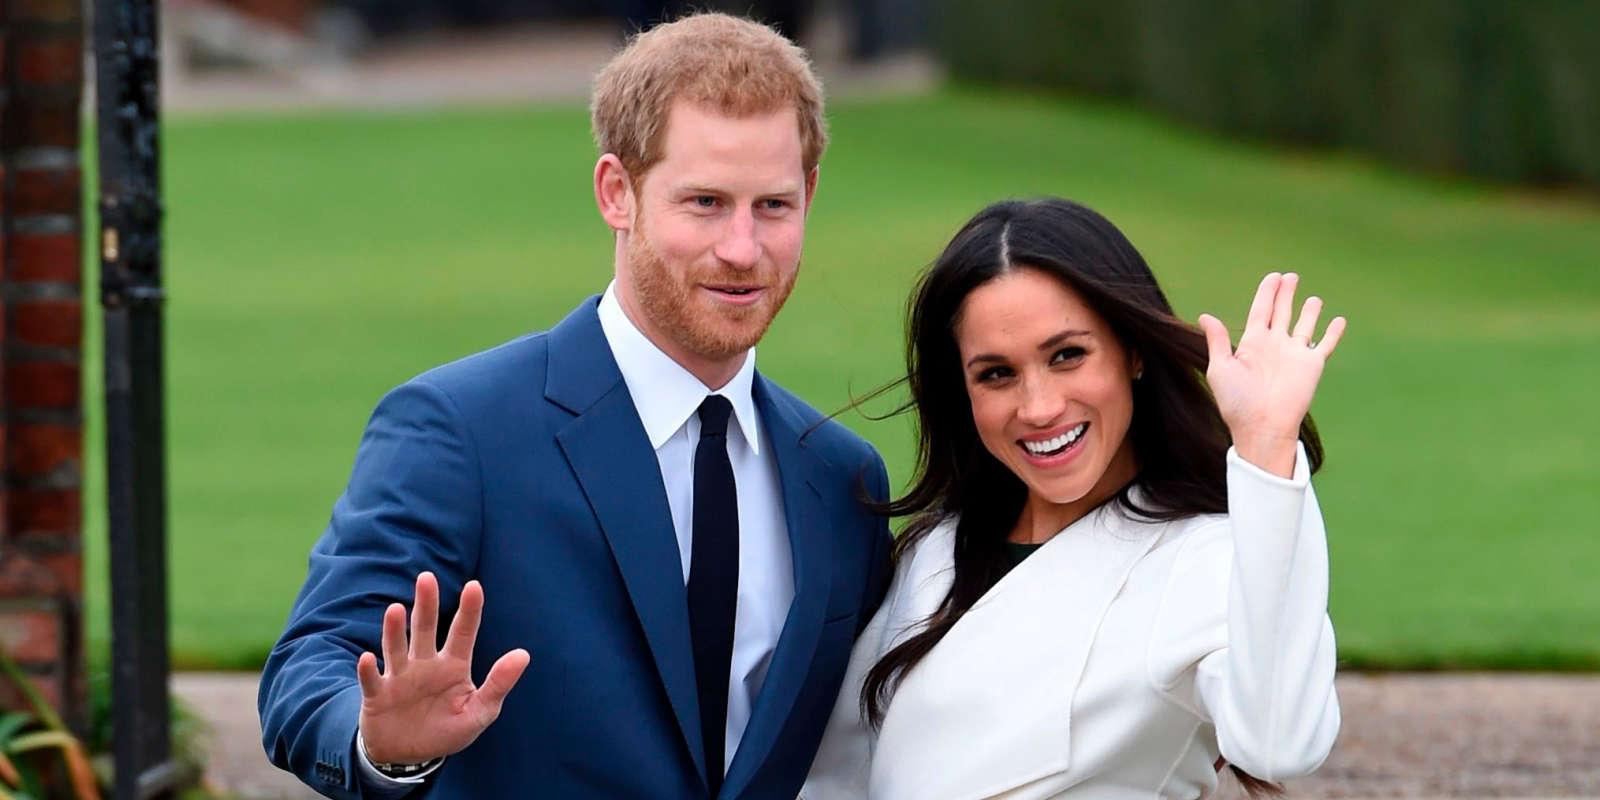 Le prince Harry et Meghan Markle lors de leurs fiançailles, le 27 novembre 2017, au palais de Kensington, à Londres.